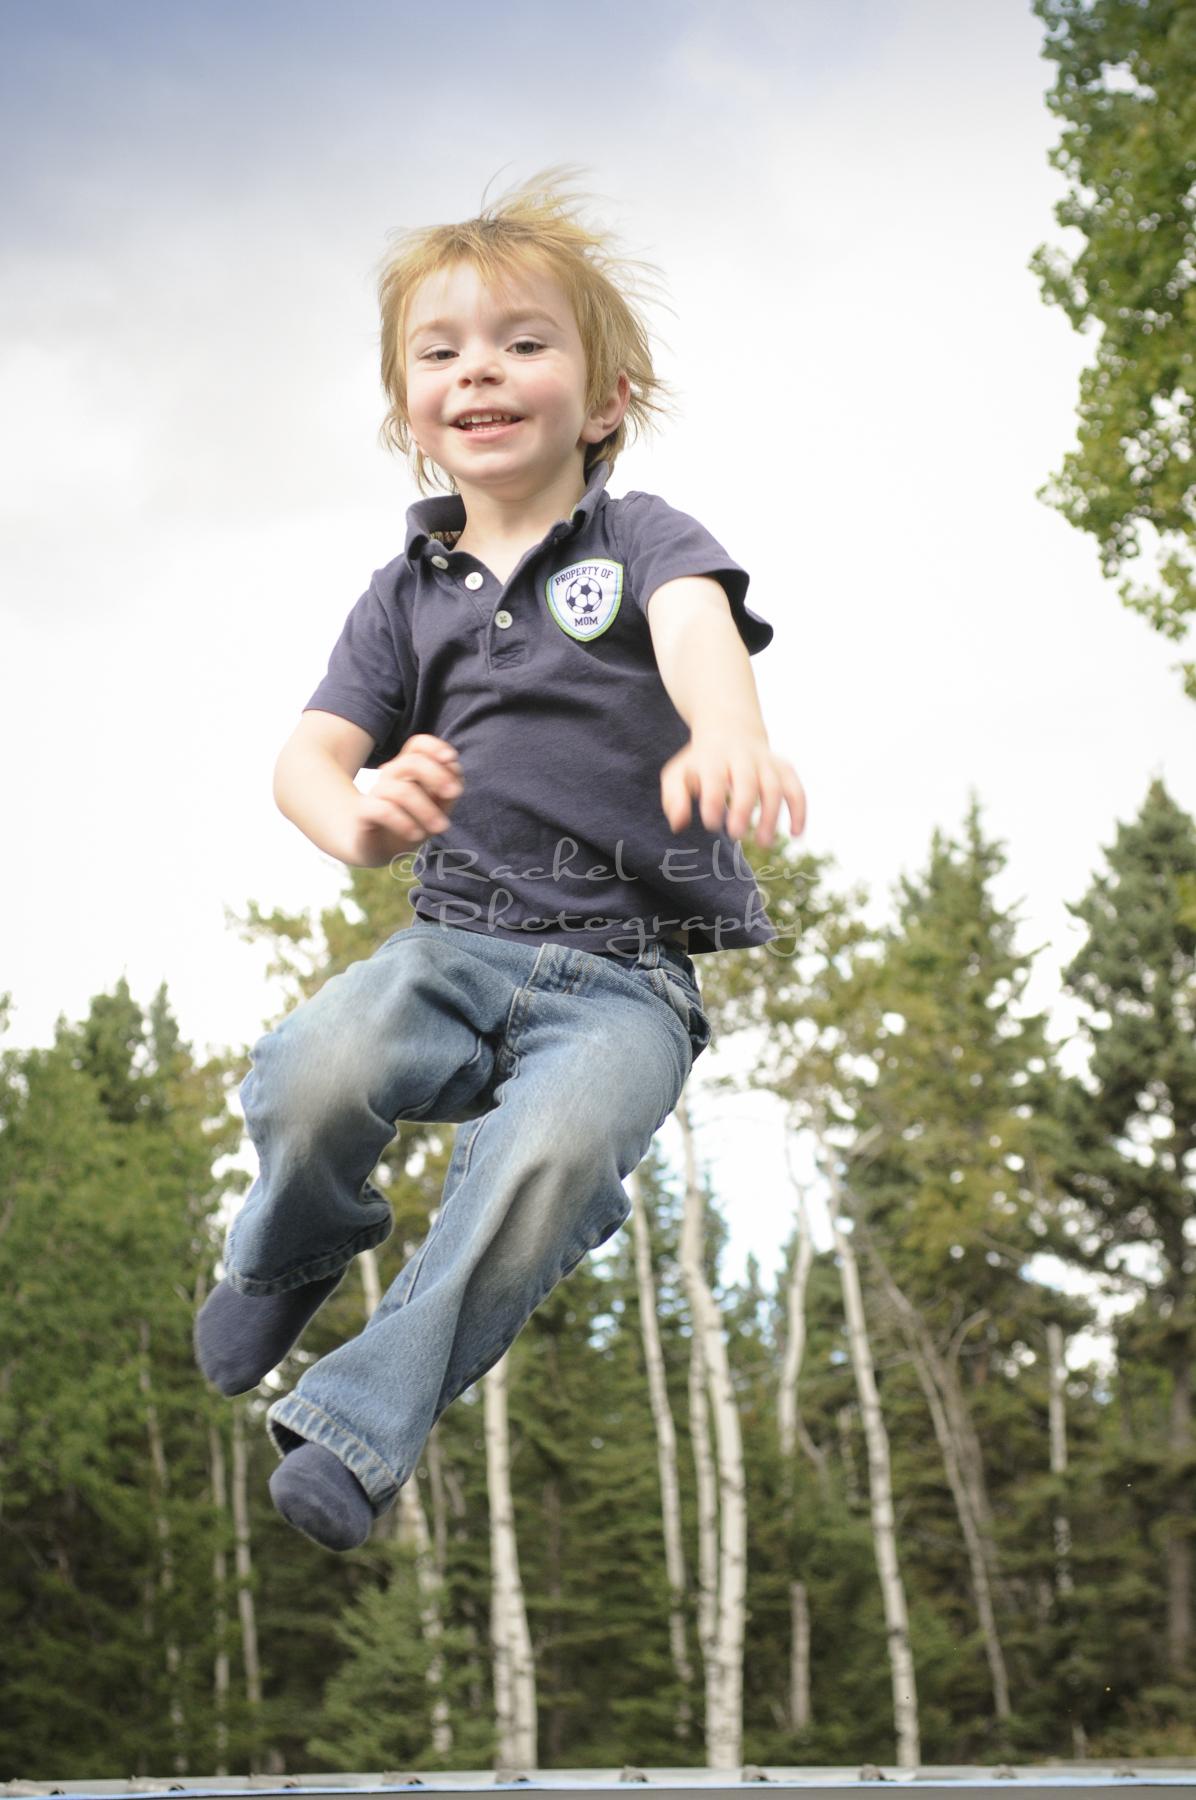 action kids portraits